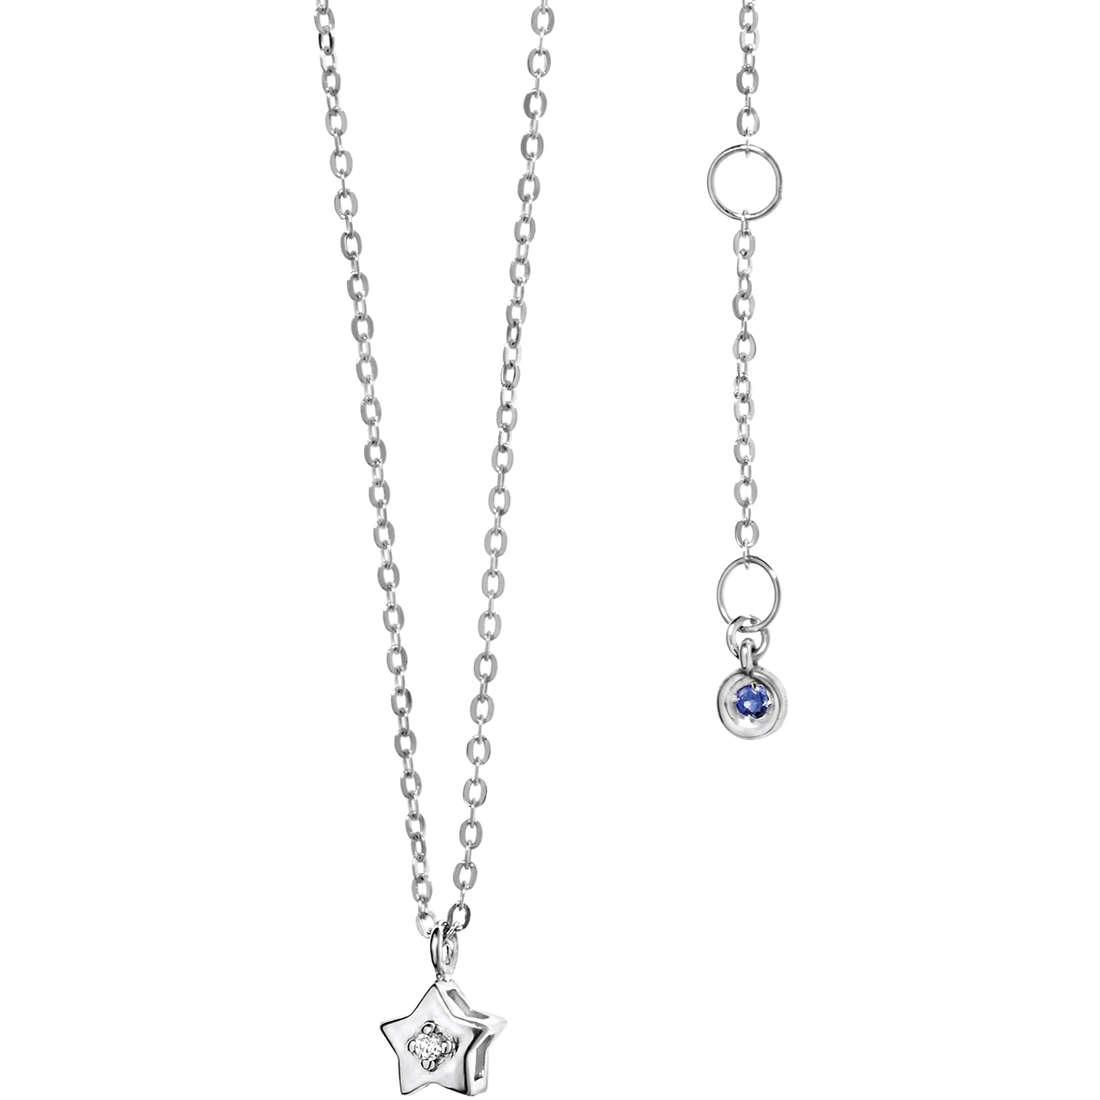 collana donna gioielli Comete Pietre preziose colorate GLB 886